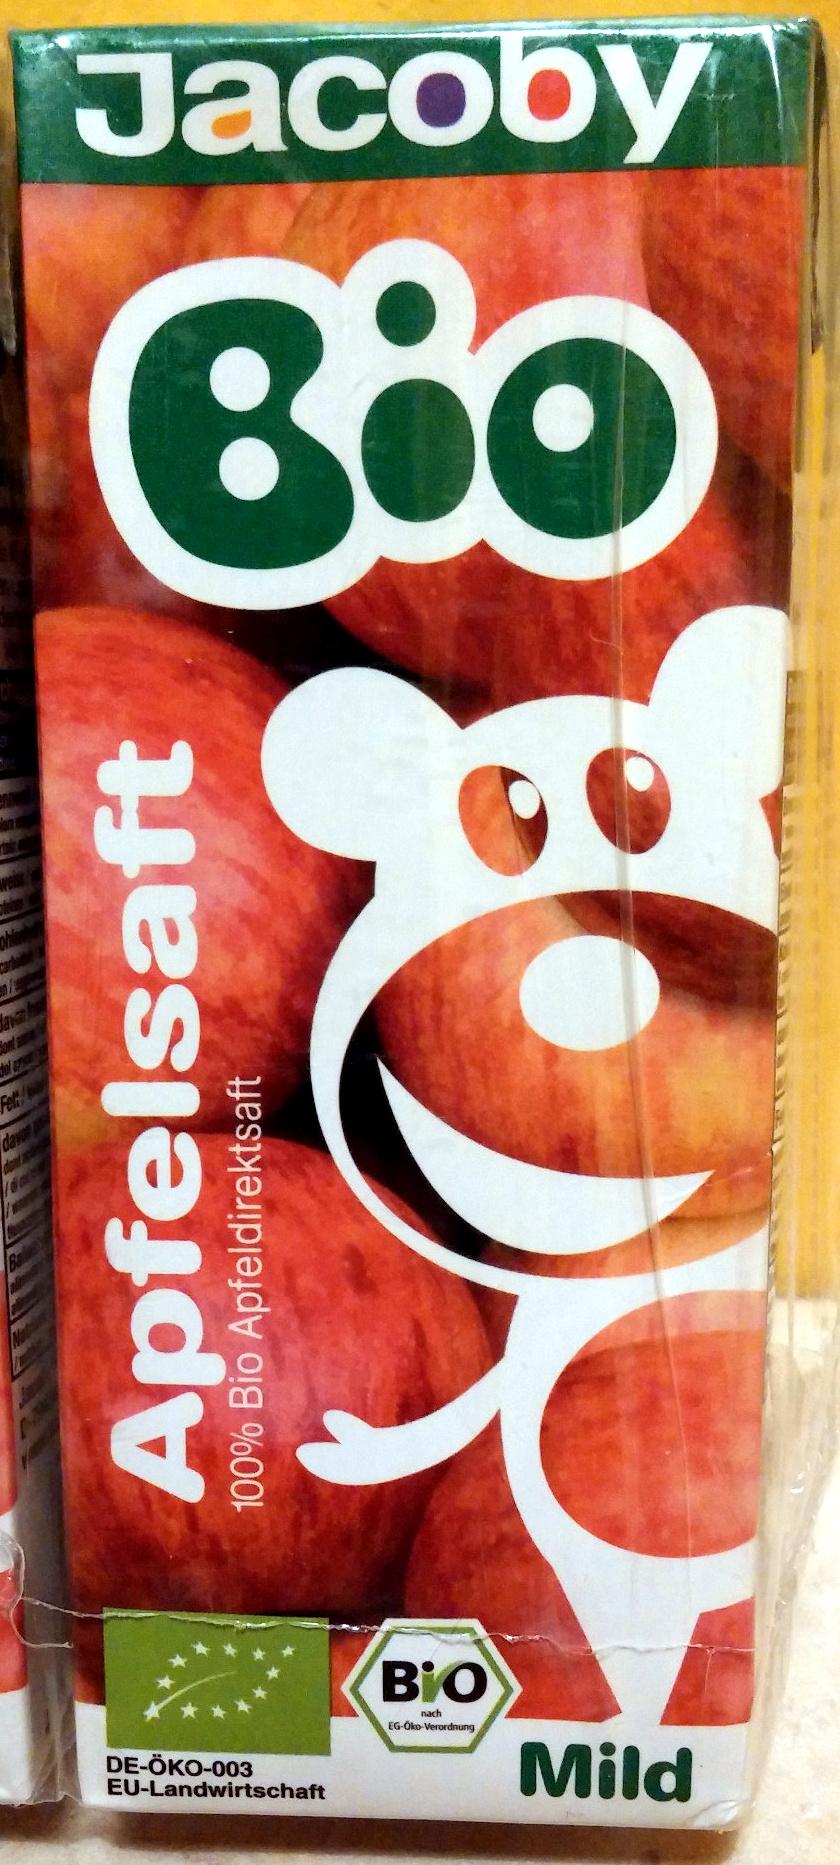 Jus de pomme doux - Produit - fr